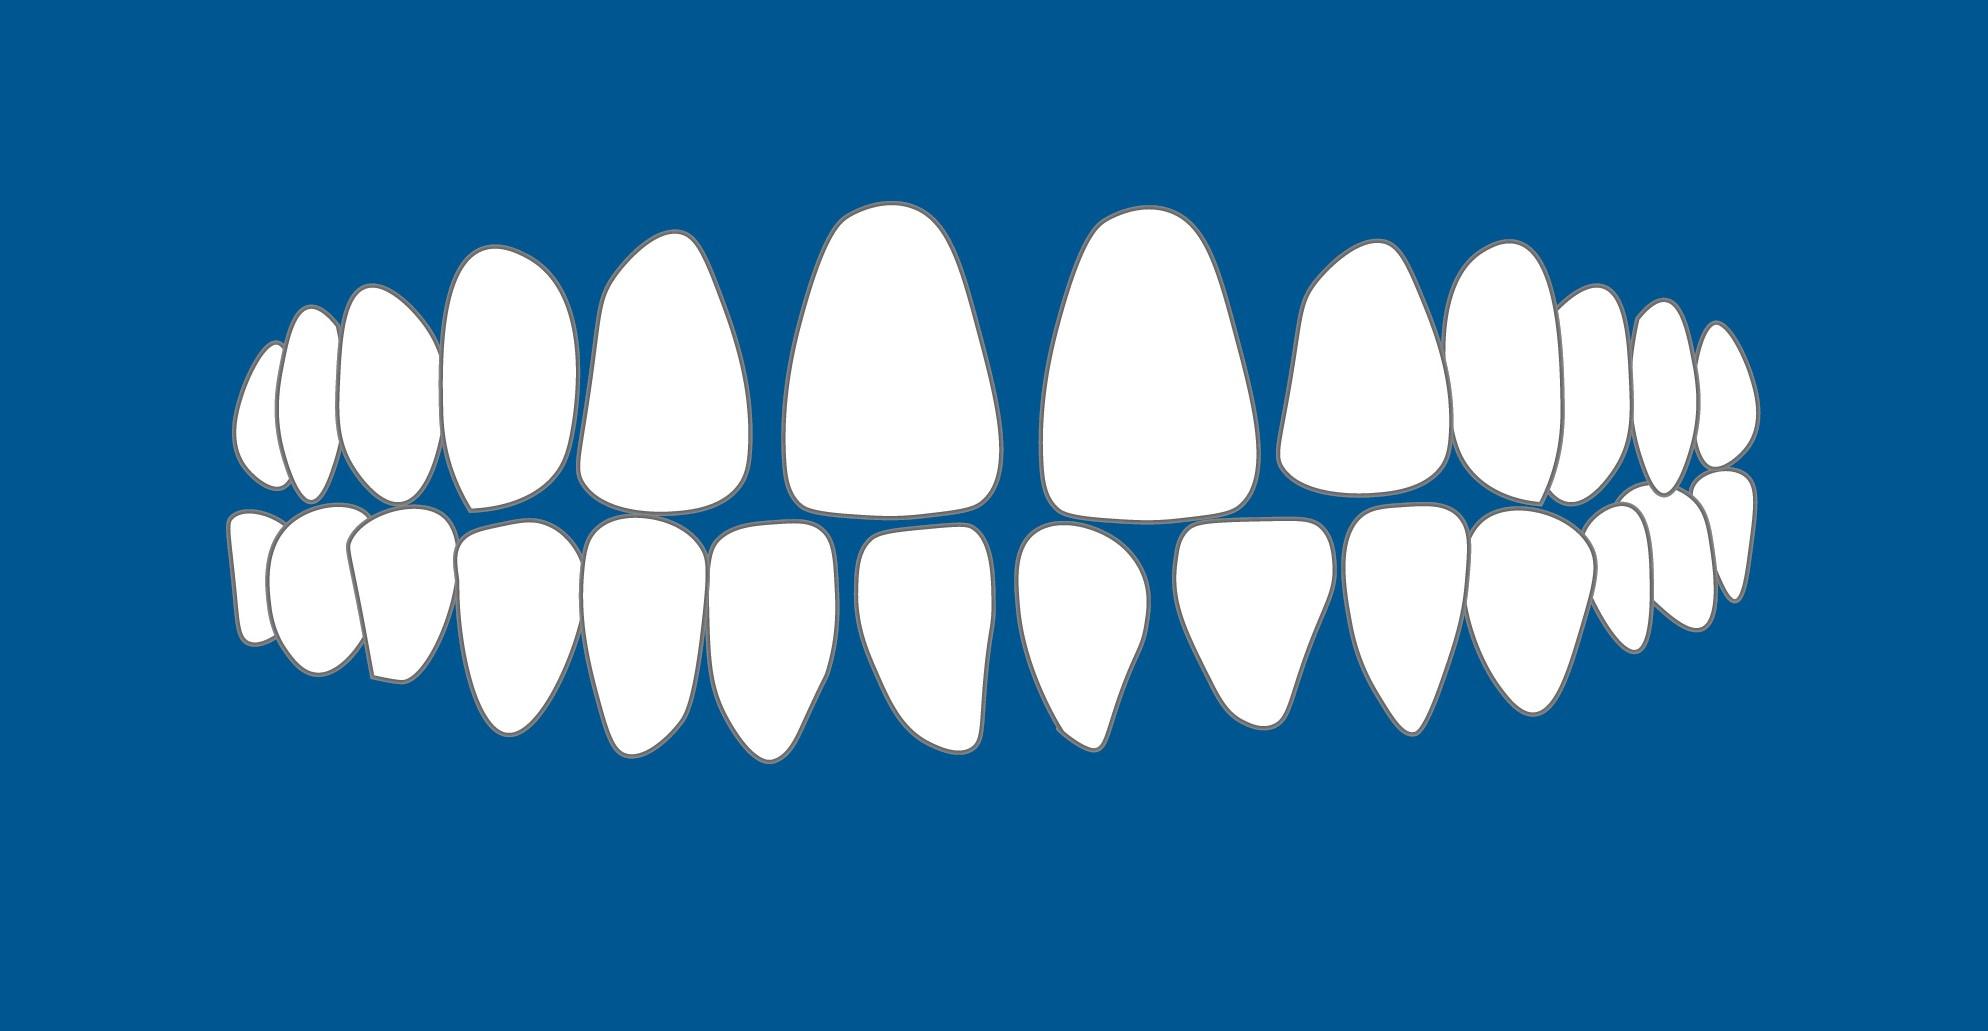 Имам разстояние между зъбите.